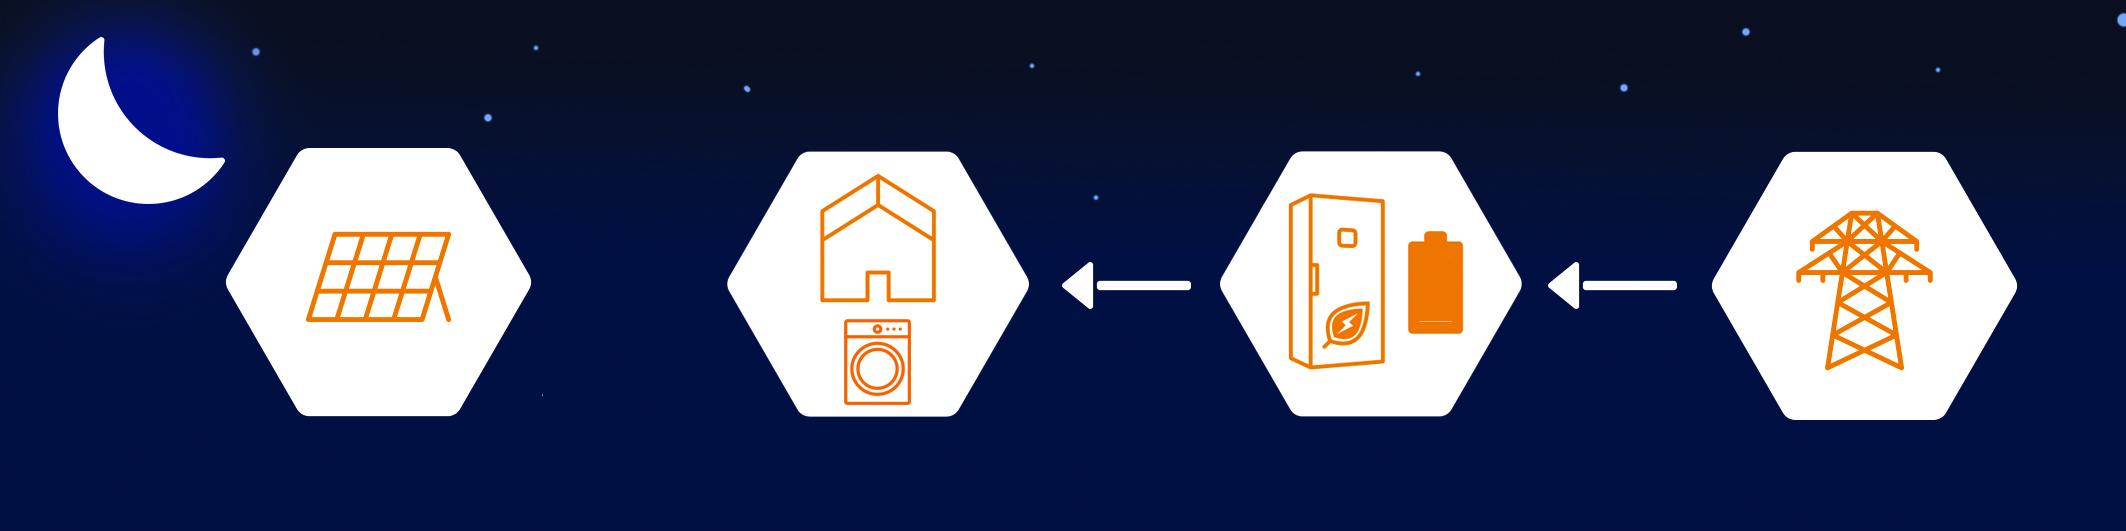 armoire autoconsommation avec stockage batterie